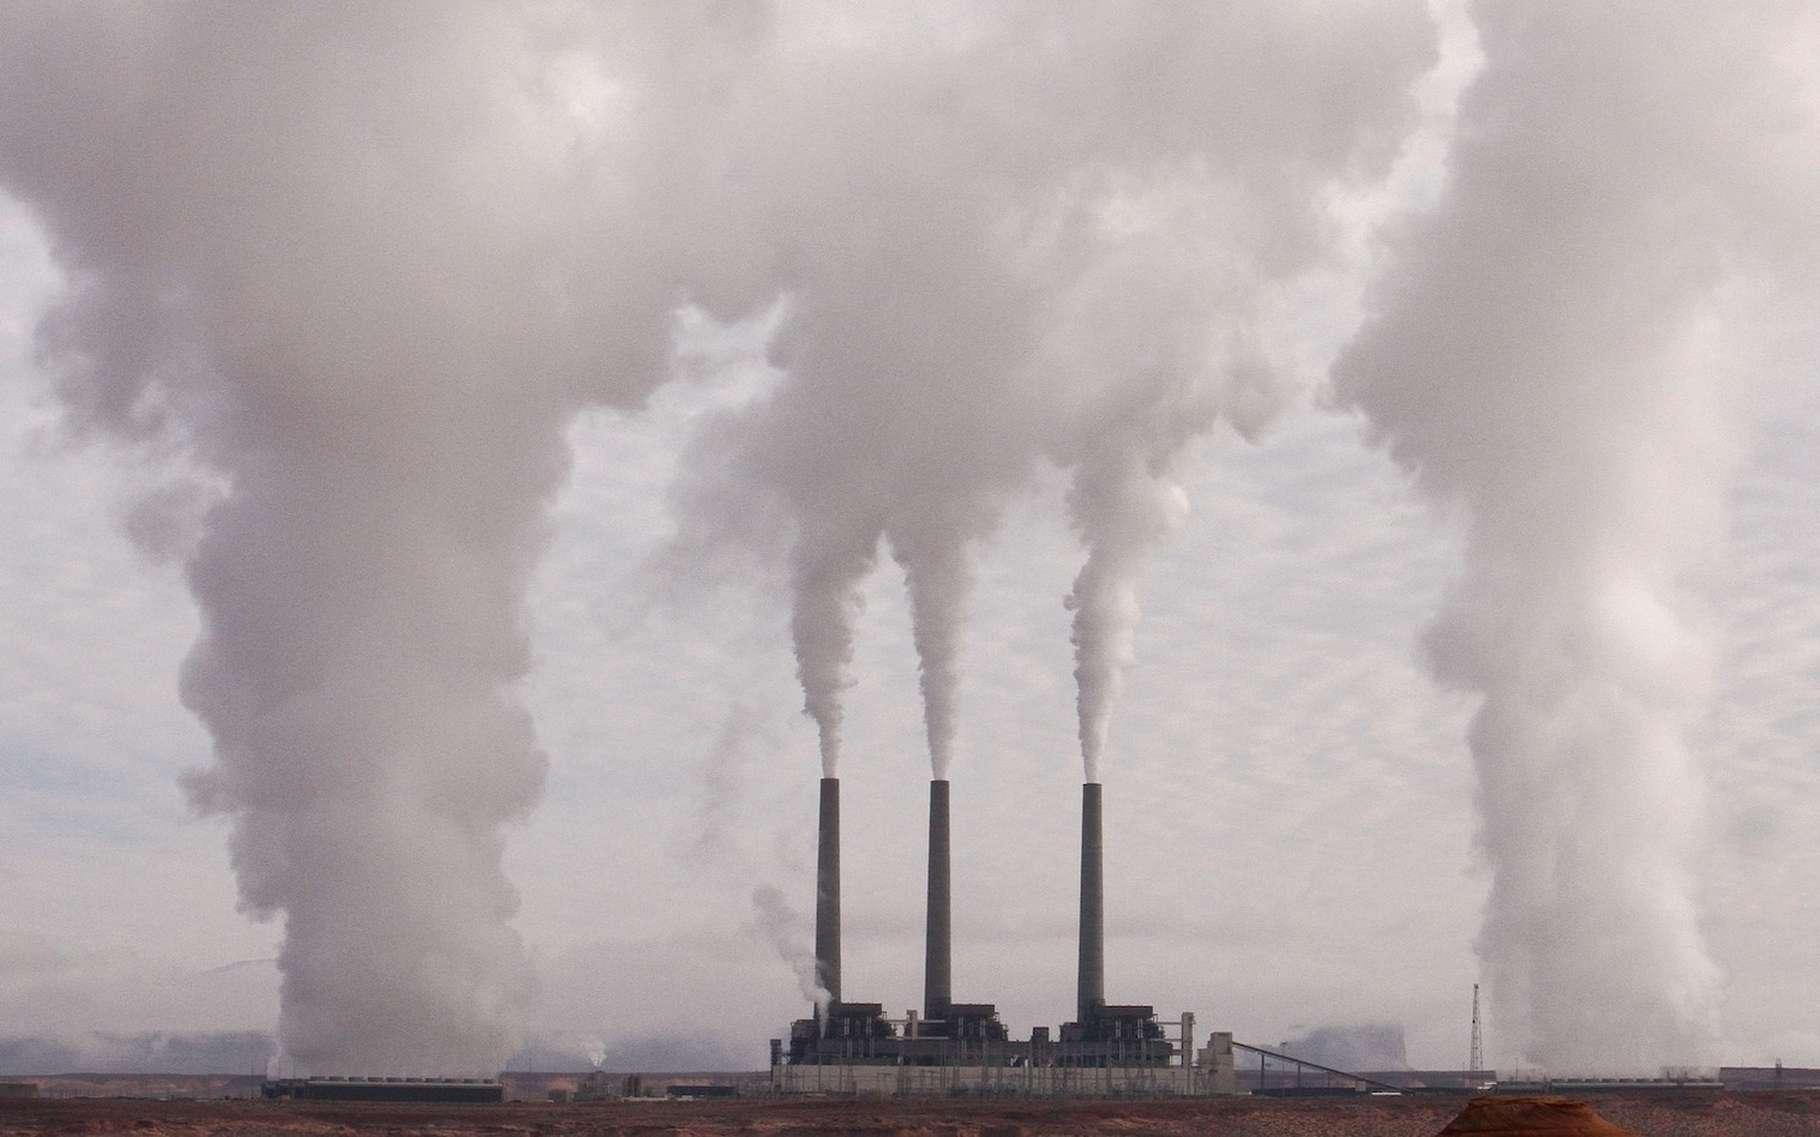 Le CO2 pollue notre environnement et contribue grandement au réchauffement climatique. De nombreux chercheurs travaillent au développement d'un matériau capable de capturer le CO2 atmosphérique. Et une équipe de l'université de Kyoto (Japon) propose aujourd'hui une nouvelle approche. © Pixource, Pixabay License